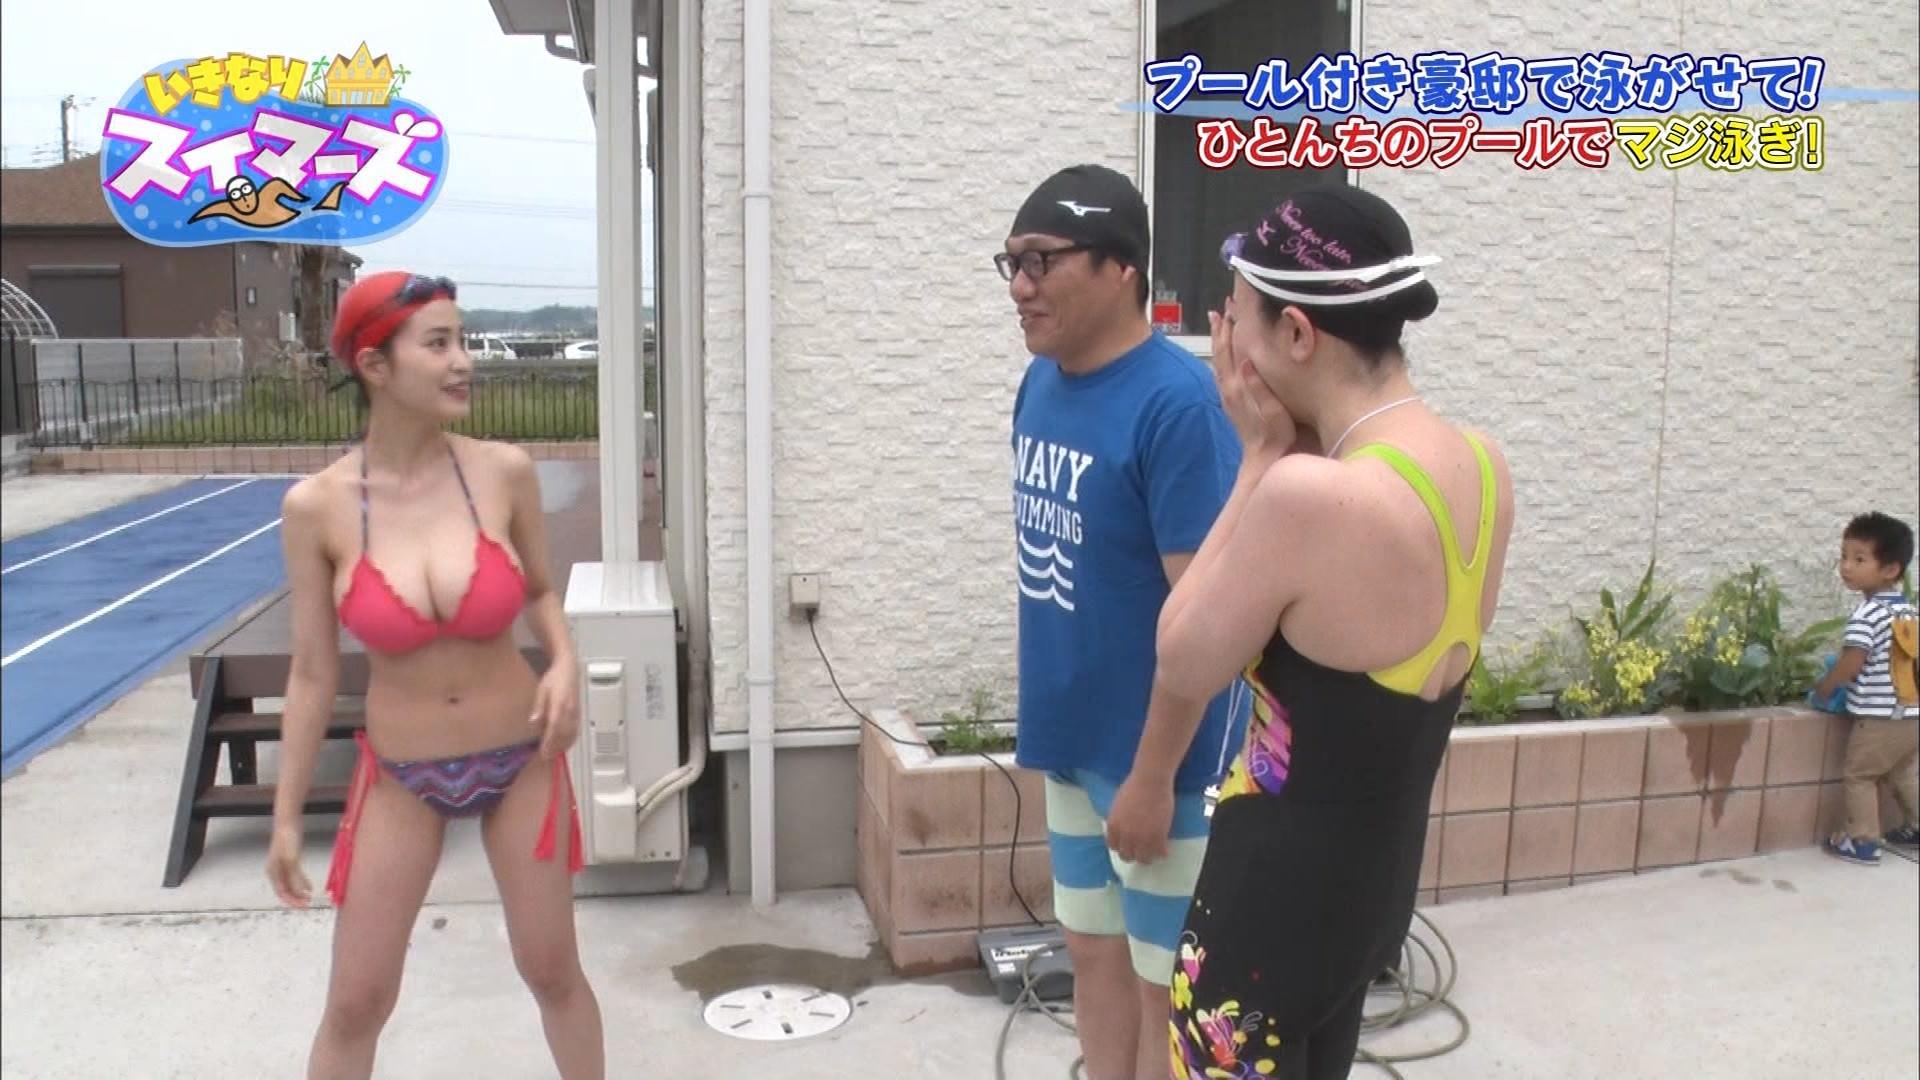 岸明日香_Gカップ_ビキニ水着_テレビキャプ画像_08